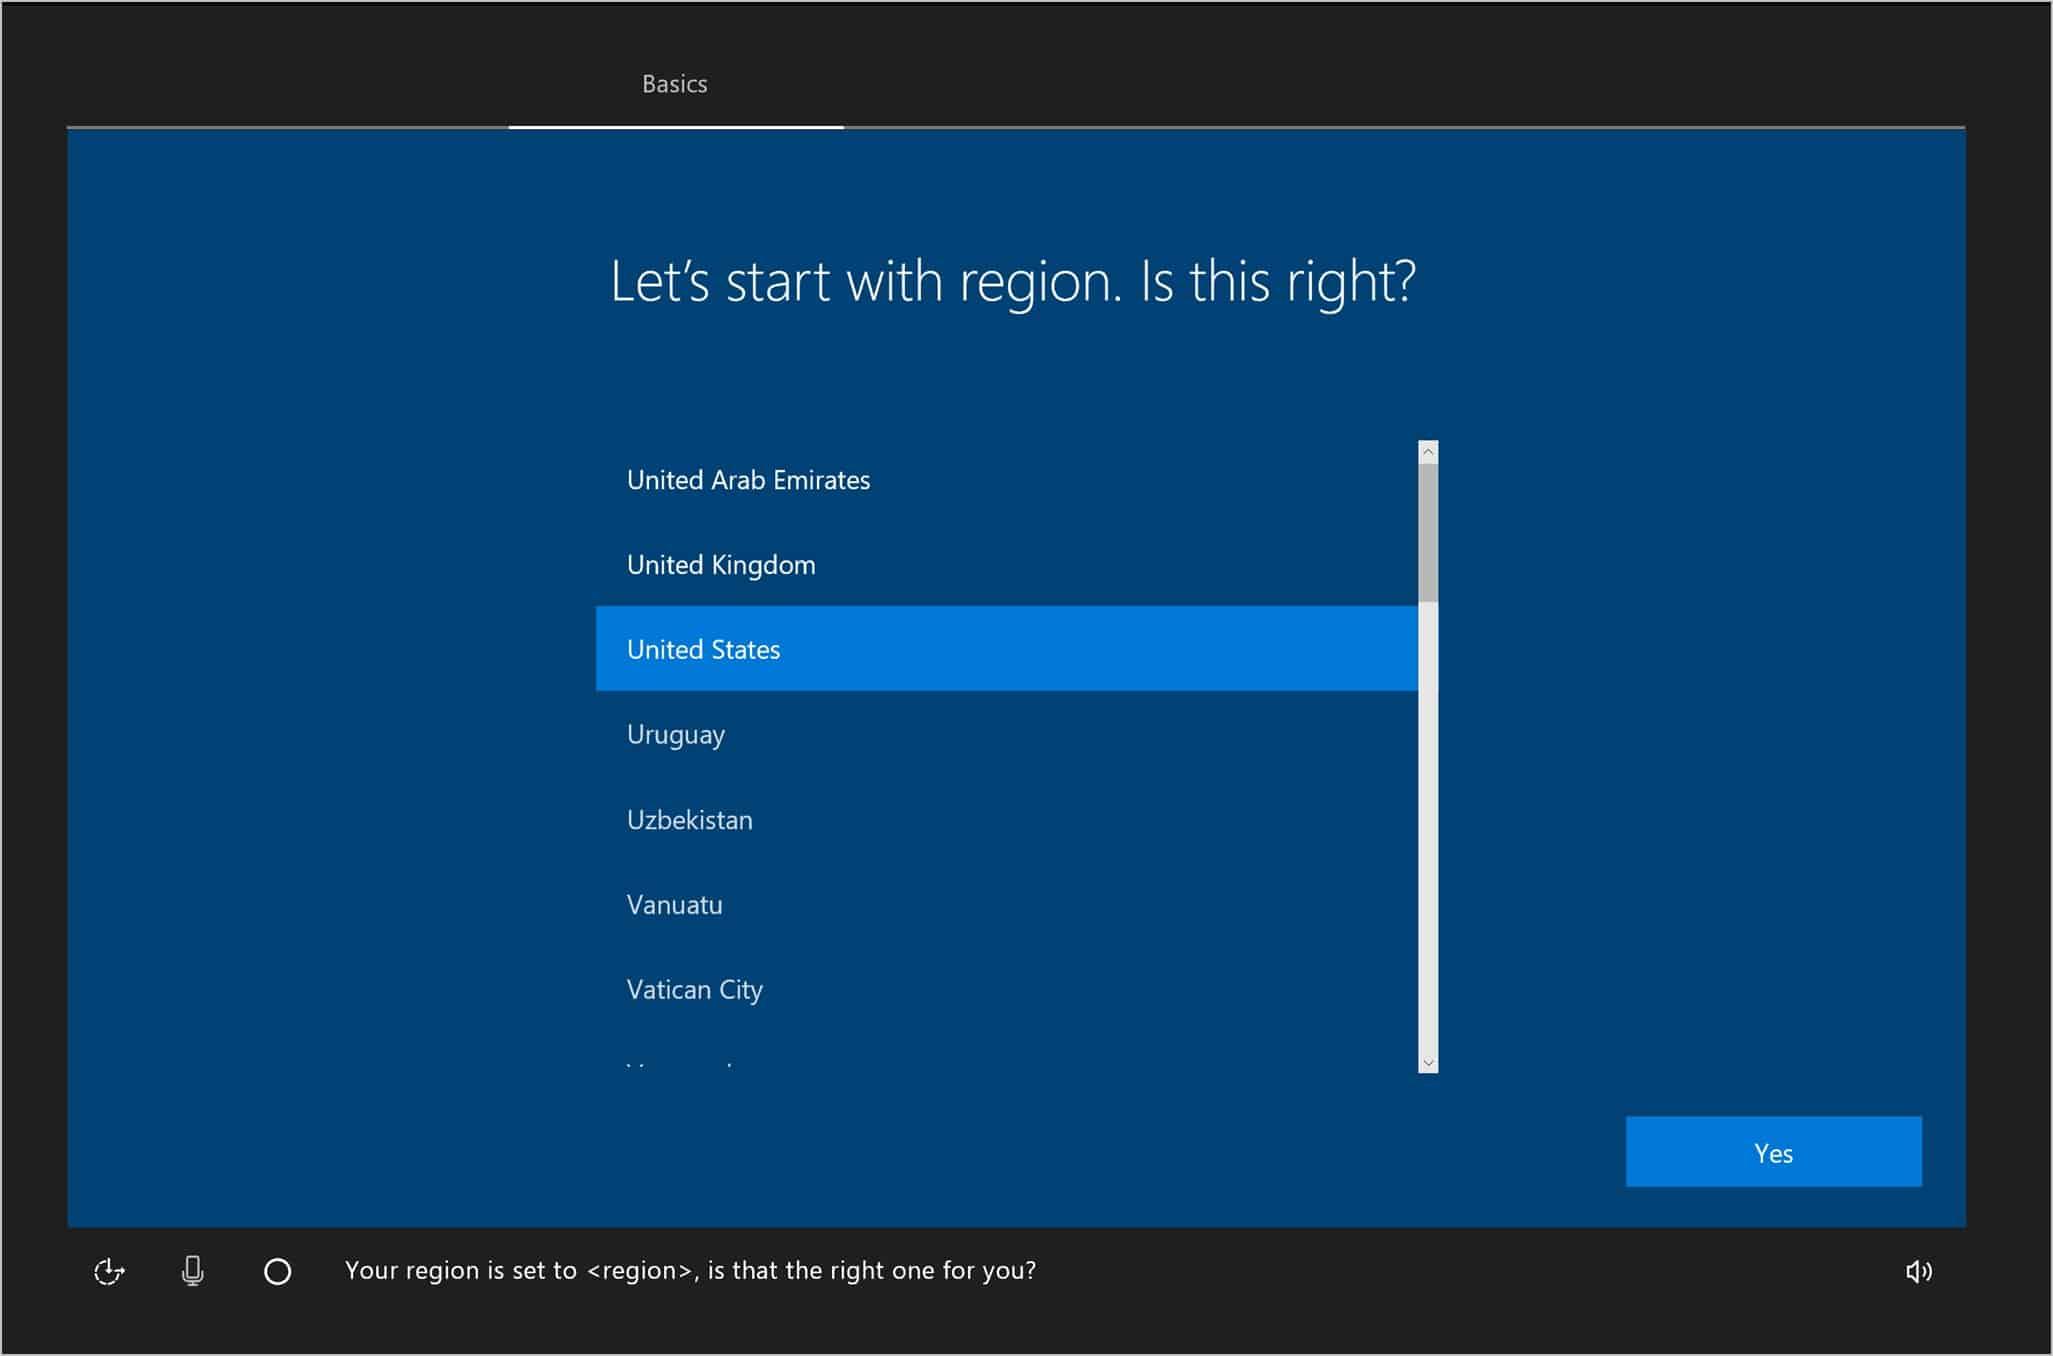 Konfigurasi umum pertama dimulai dengan Lets start with Region. Pilih Indonesia dan klik Yes